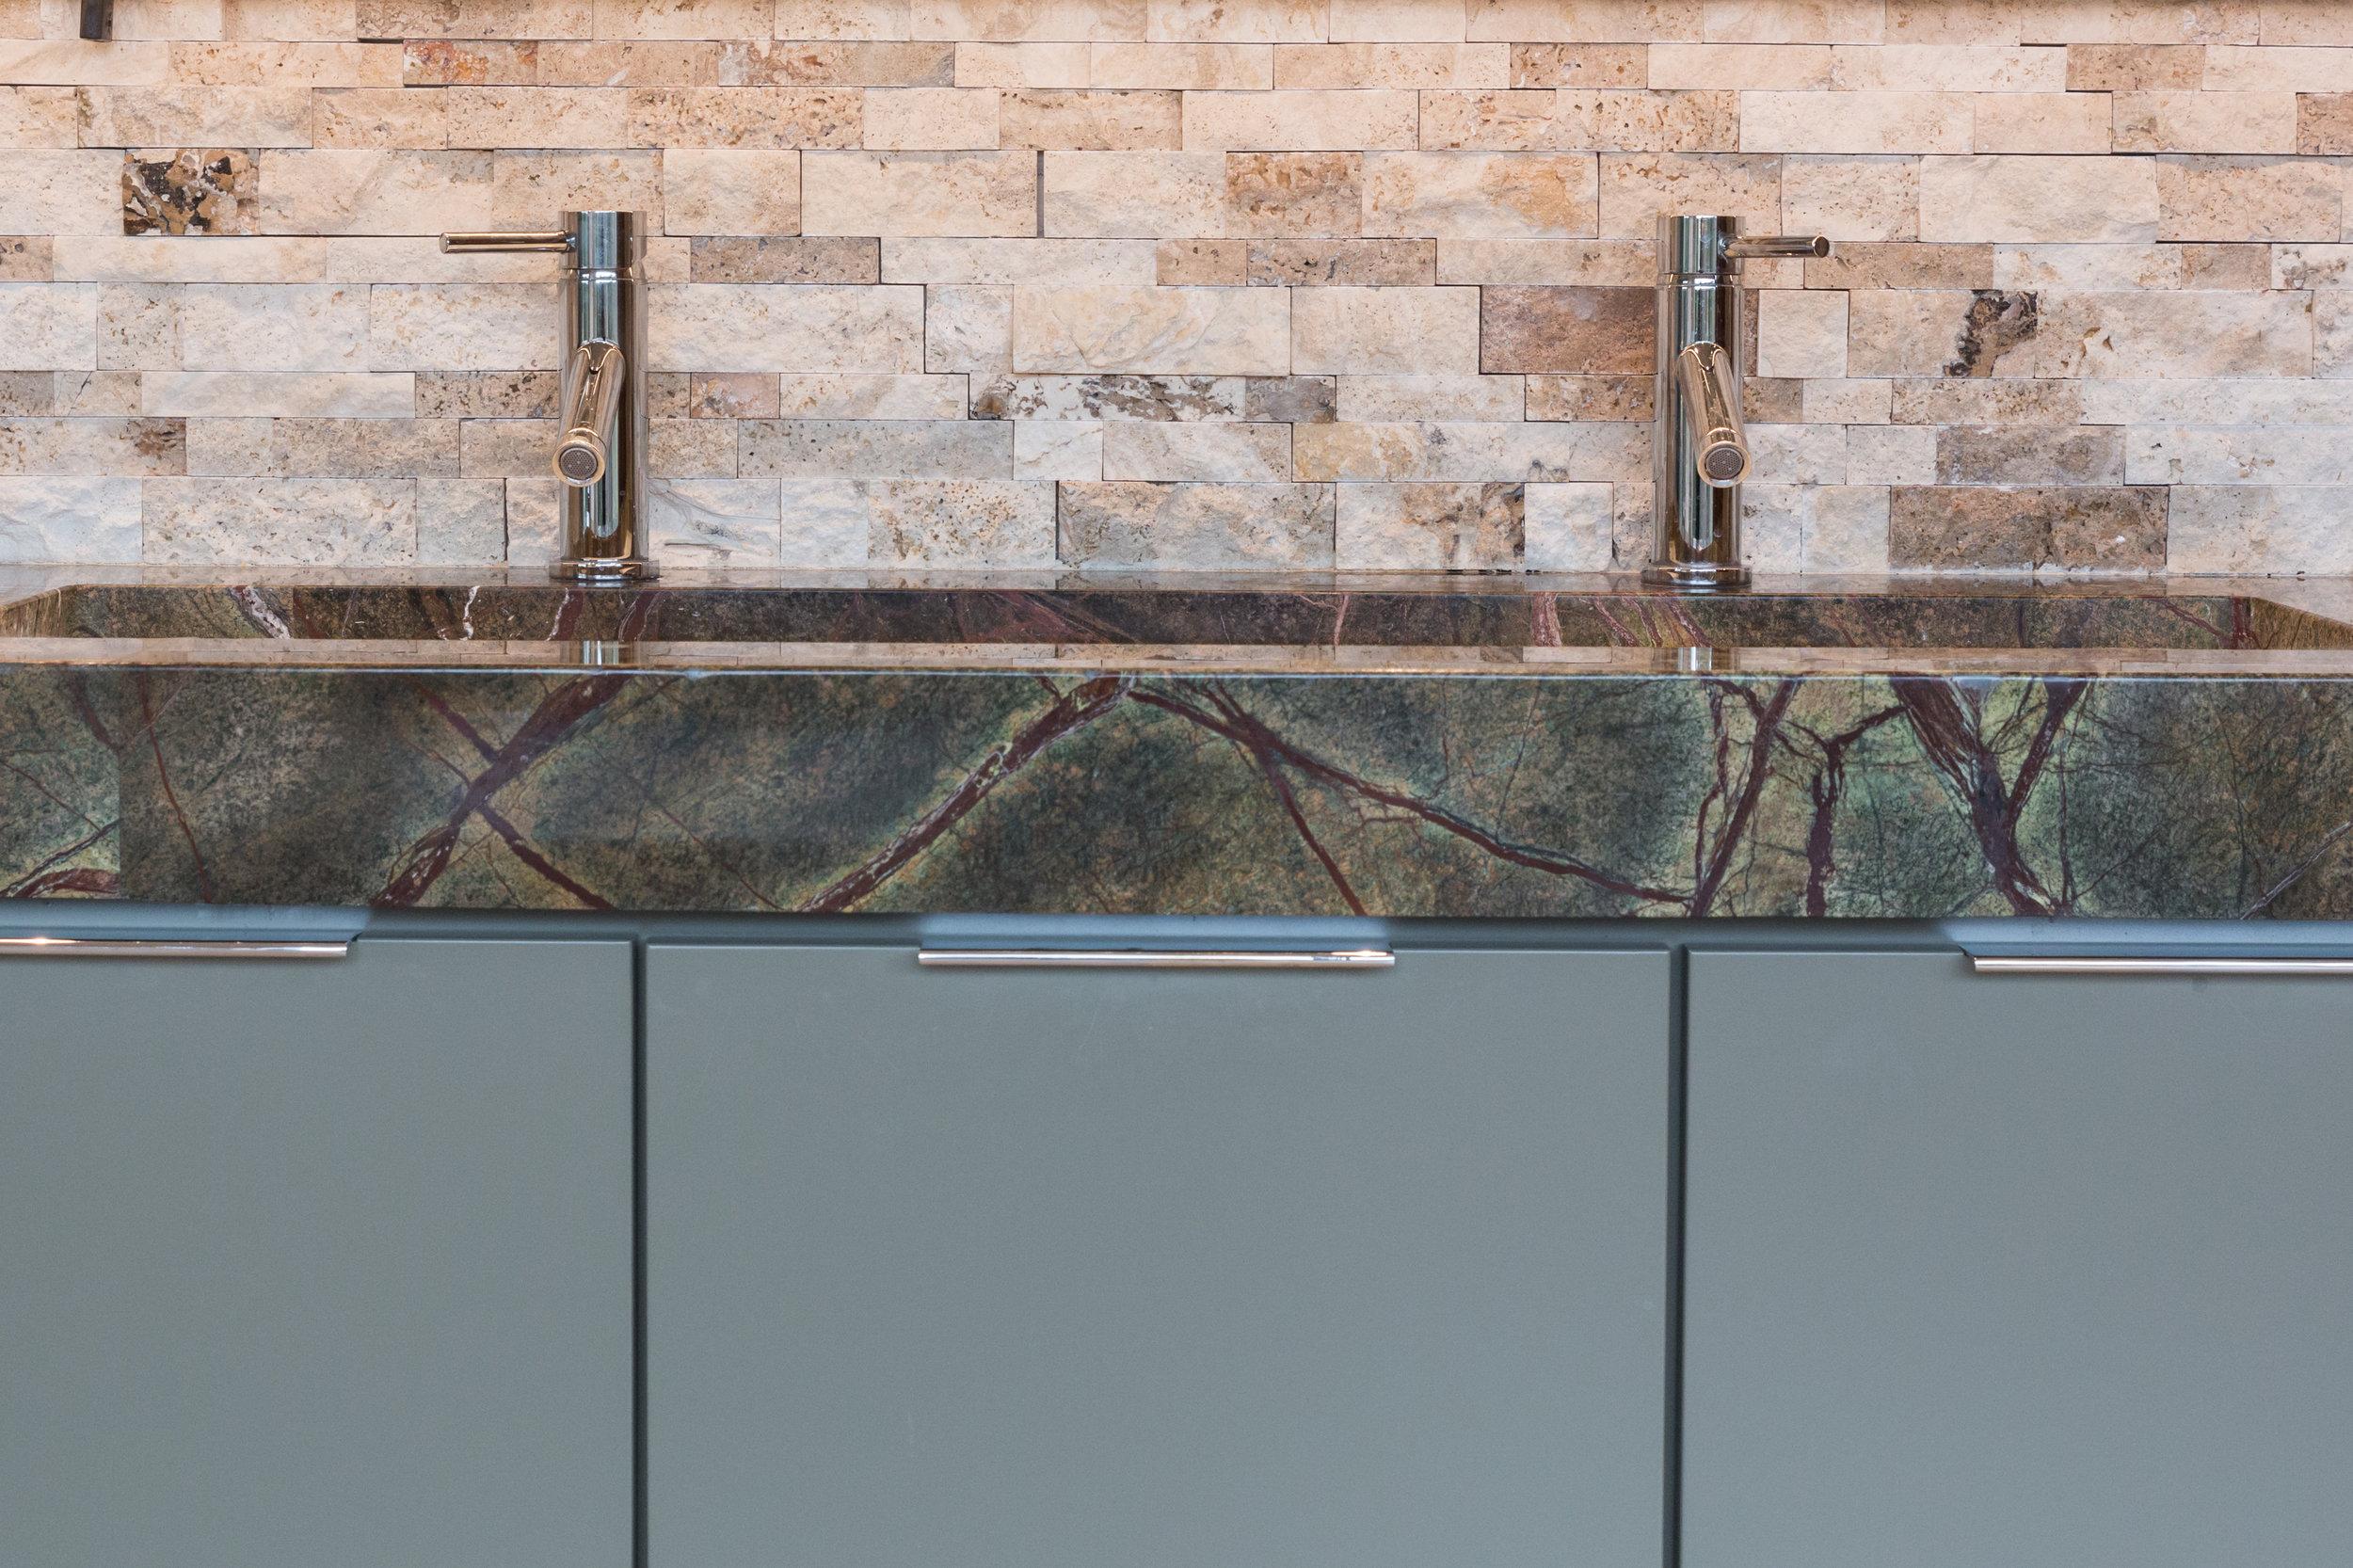 Modern Bathroom Countertop Design